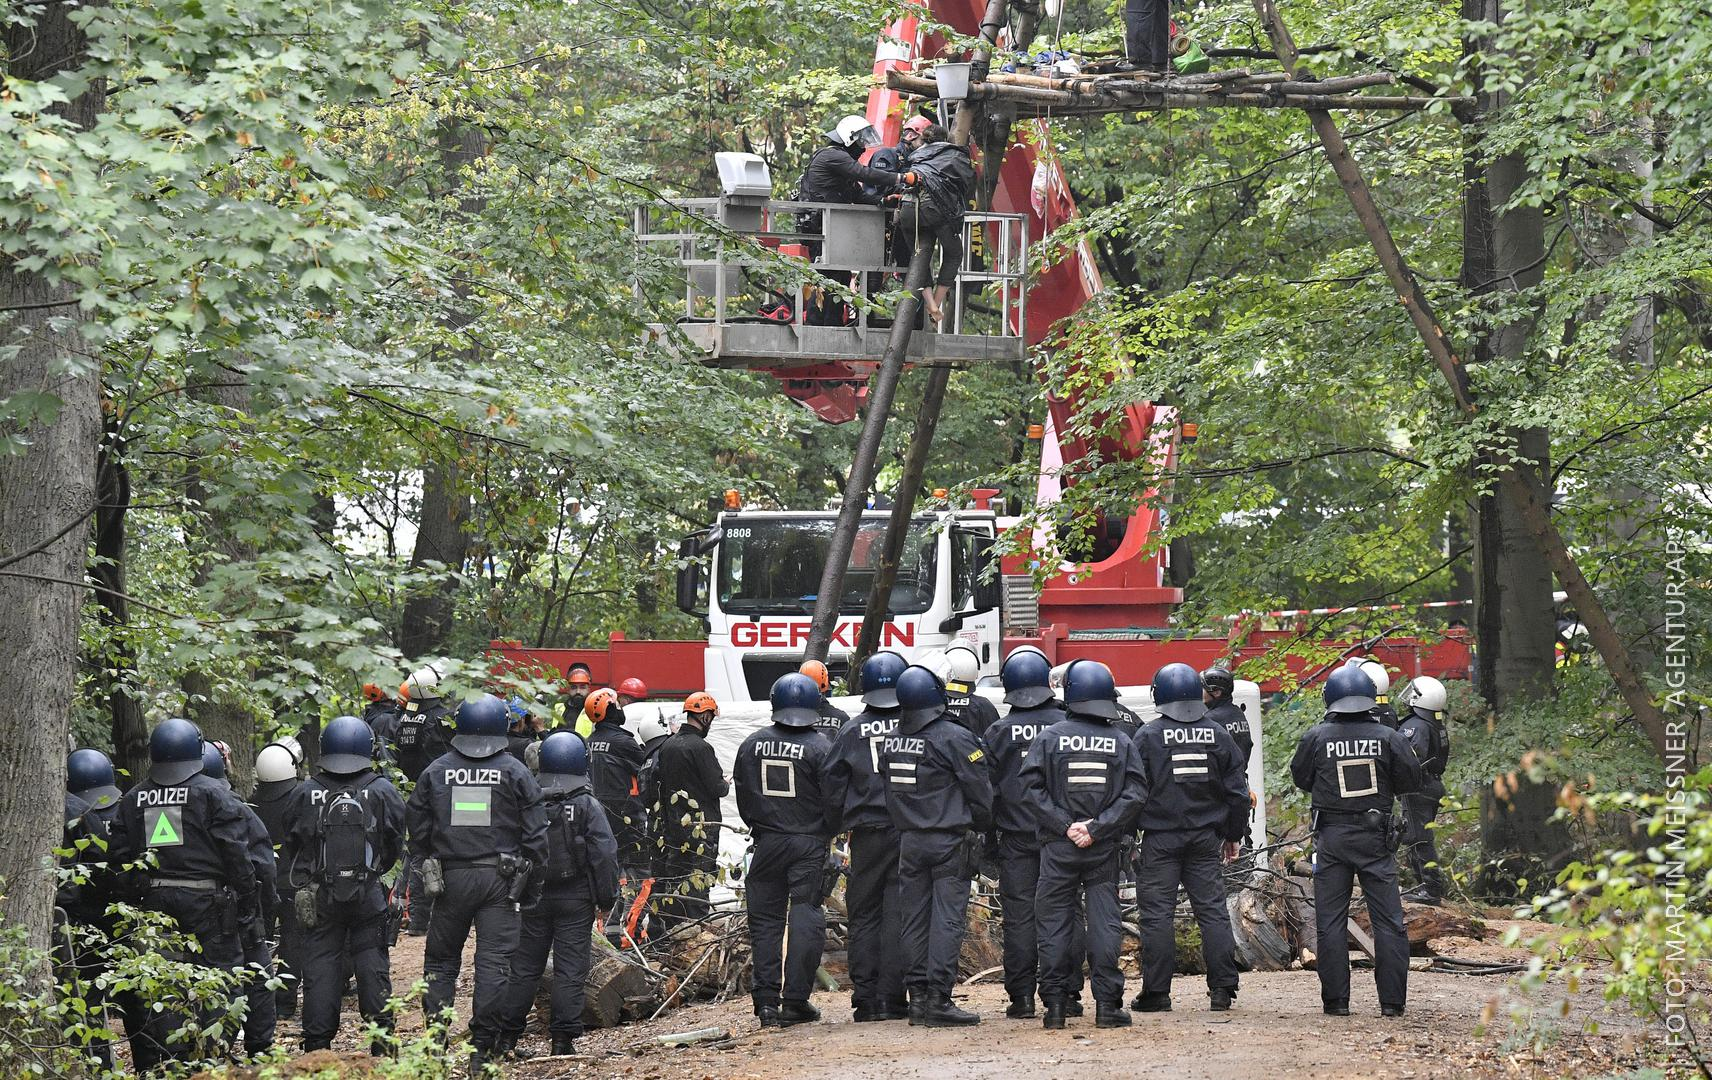 Polizei mit Kran im Einsatz, um Aktivisten vom Baumhaus zuholen